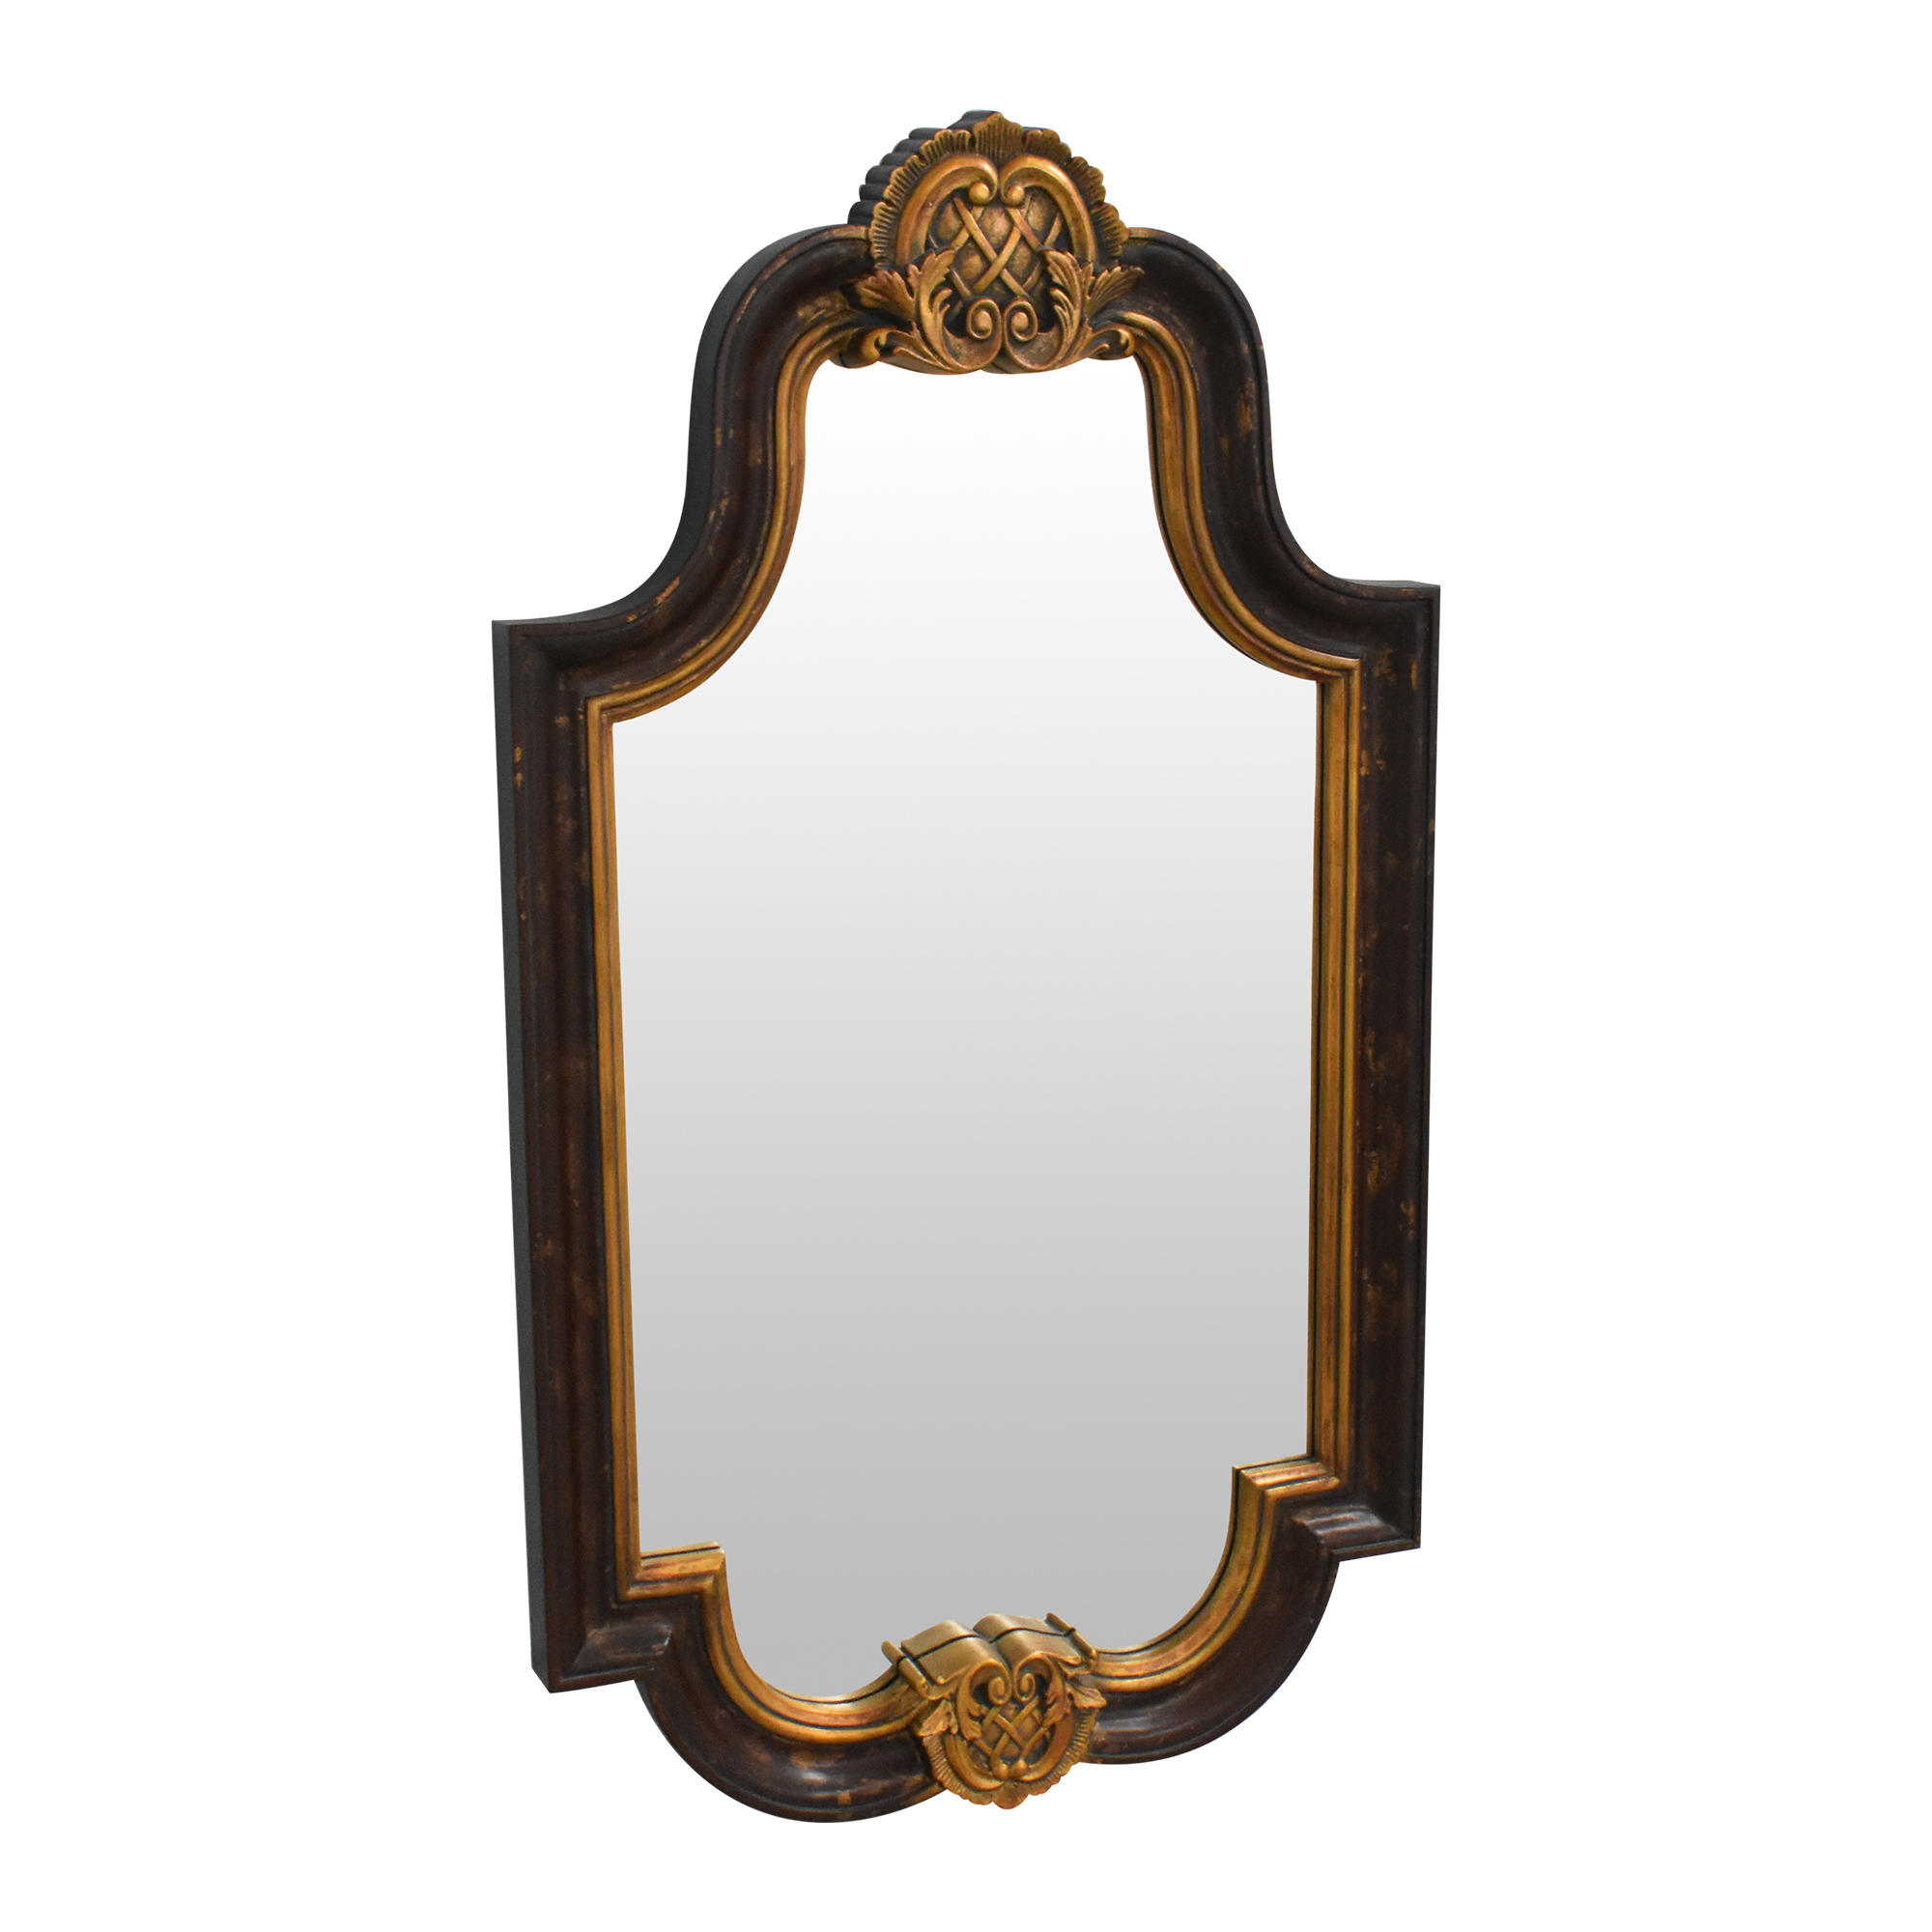 Bombay Company Bombay Company Crest Mirror